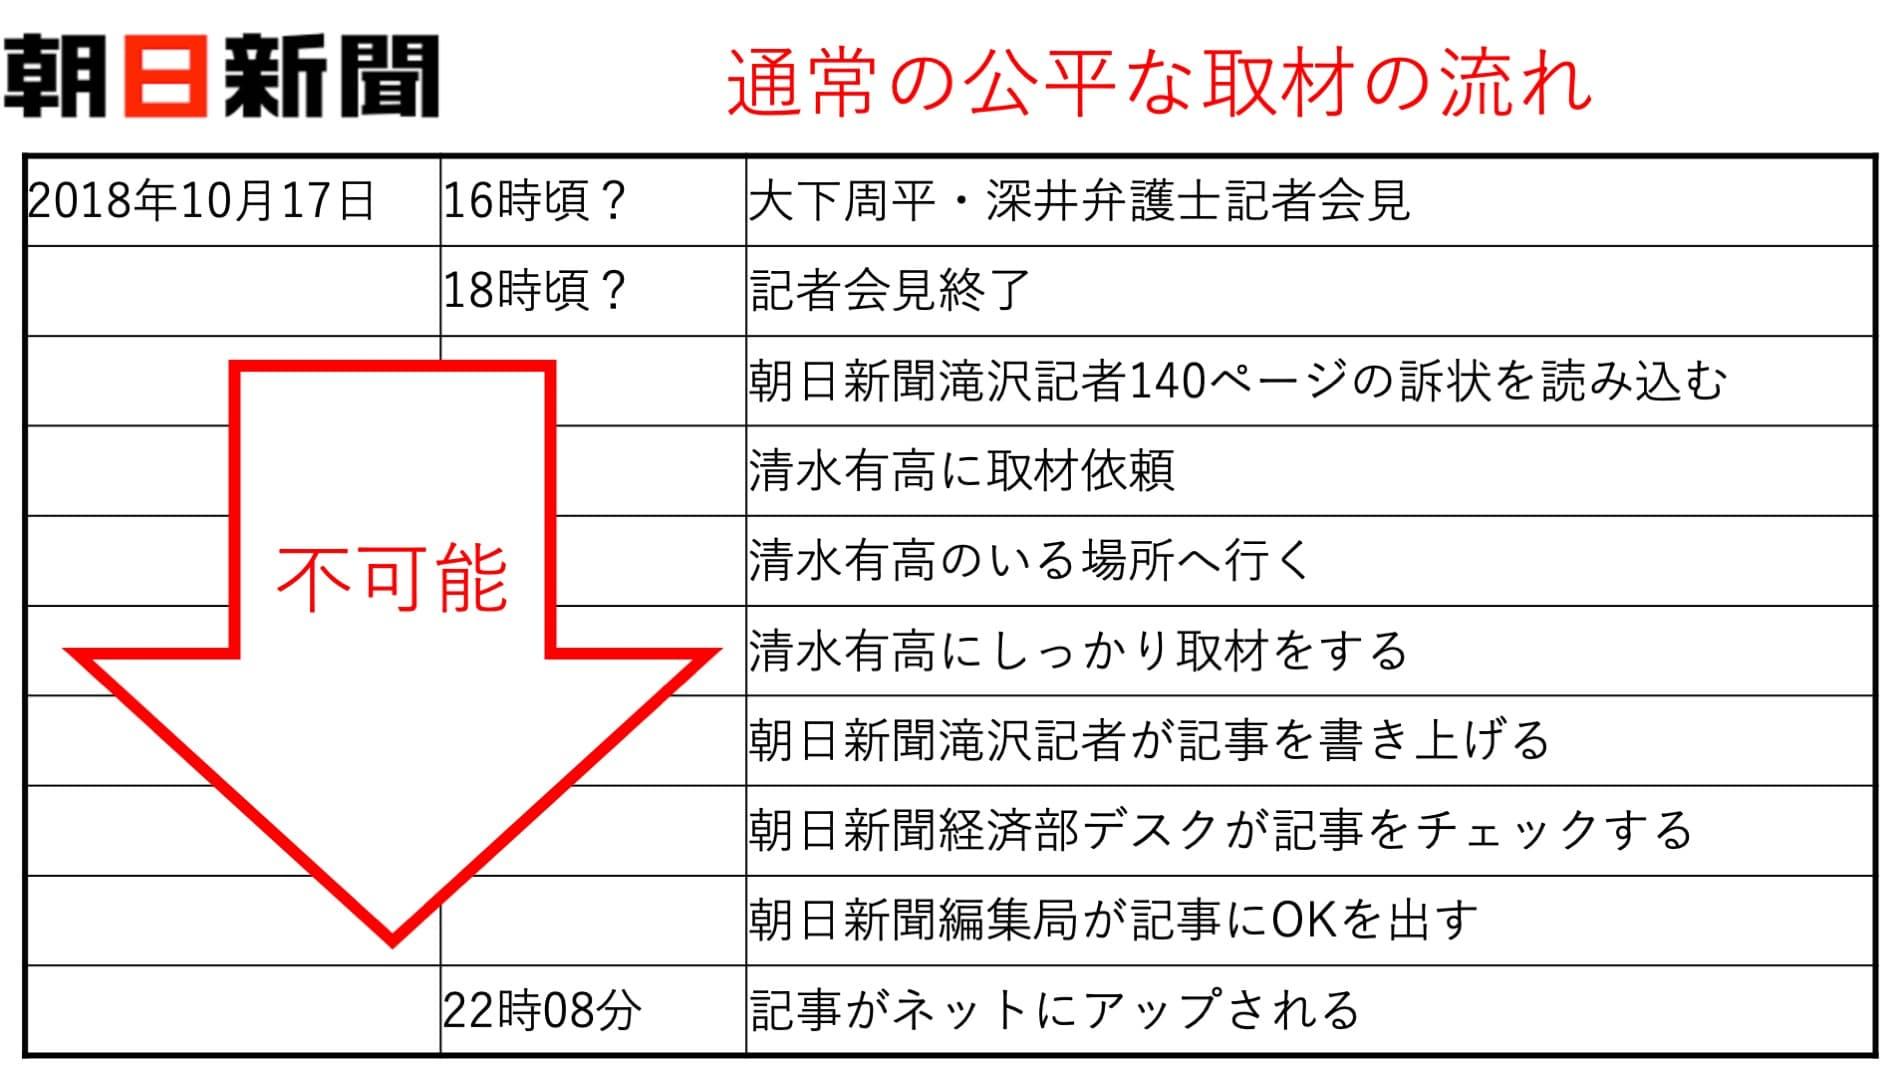 朝日新聞滝沢記者当日取材の流れ?1